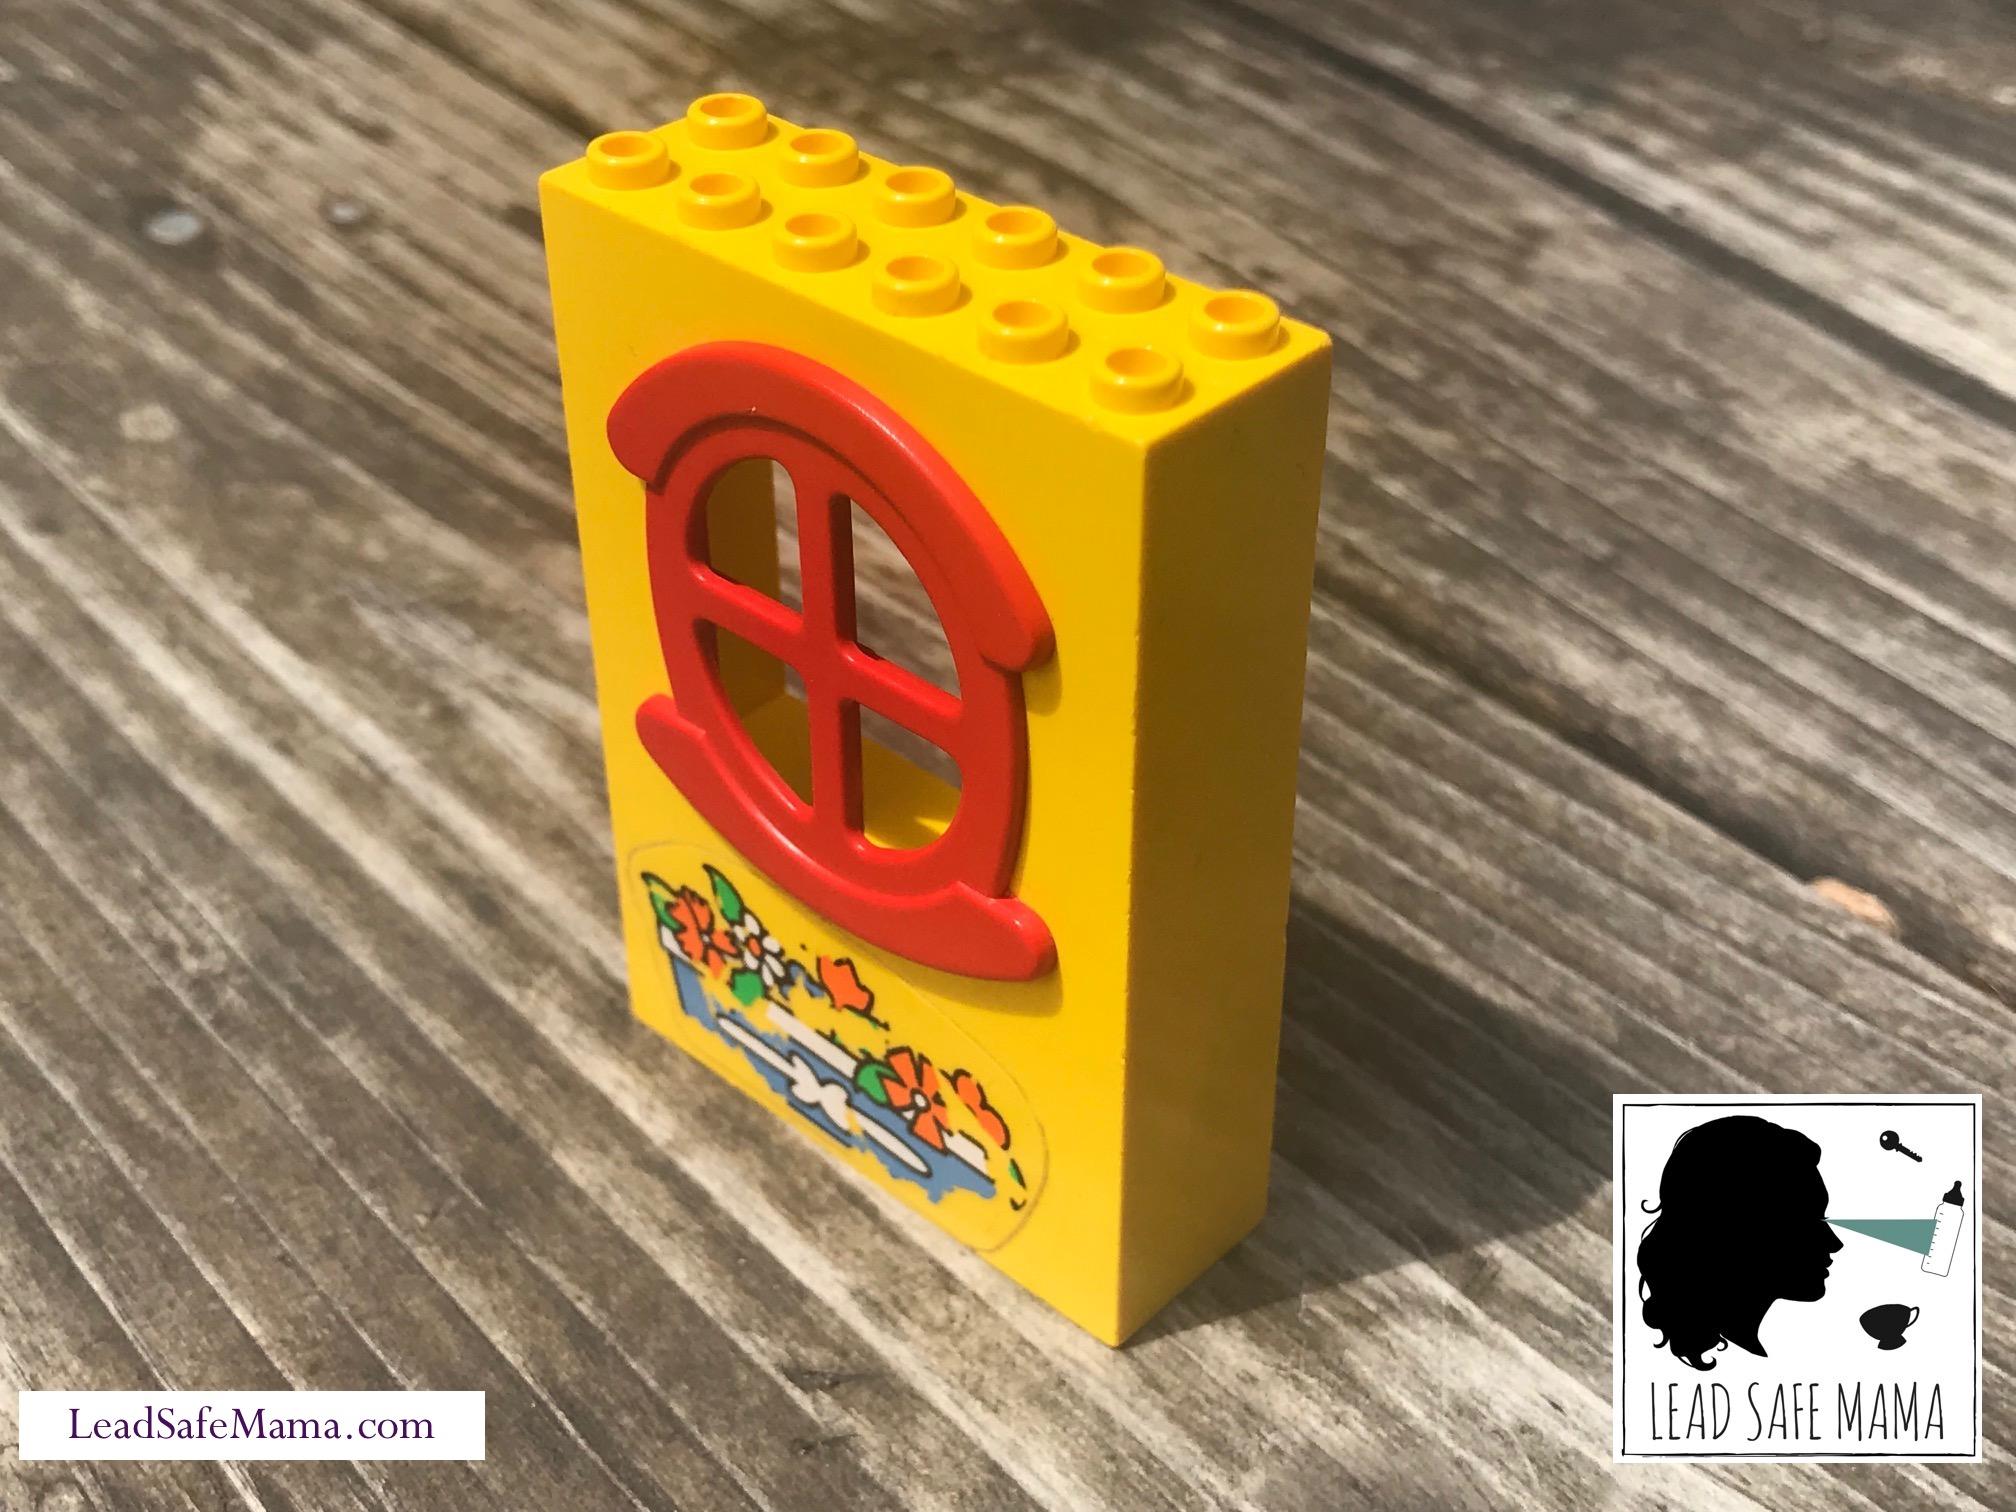 Vintage (1978-1988) Red & Yellow Lego® Door: 10,300 ppm Cadmium (40 is unsafe) + 393 Barium